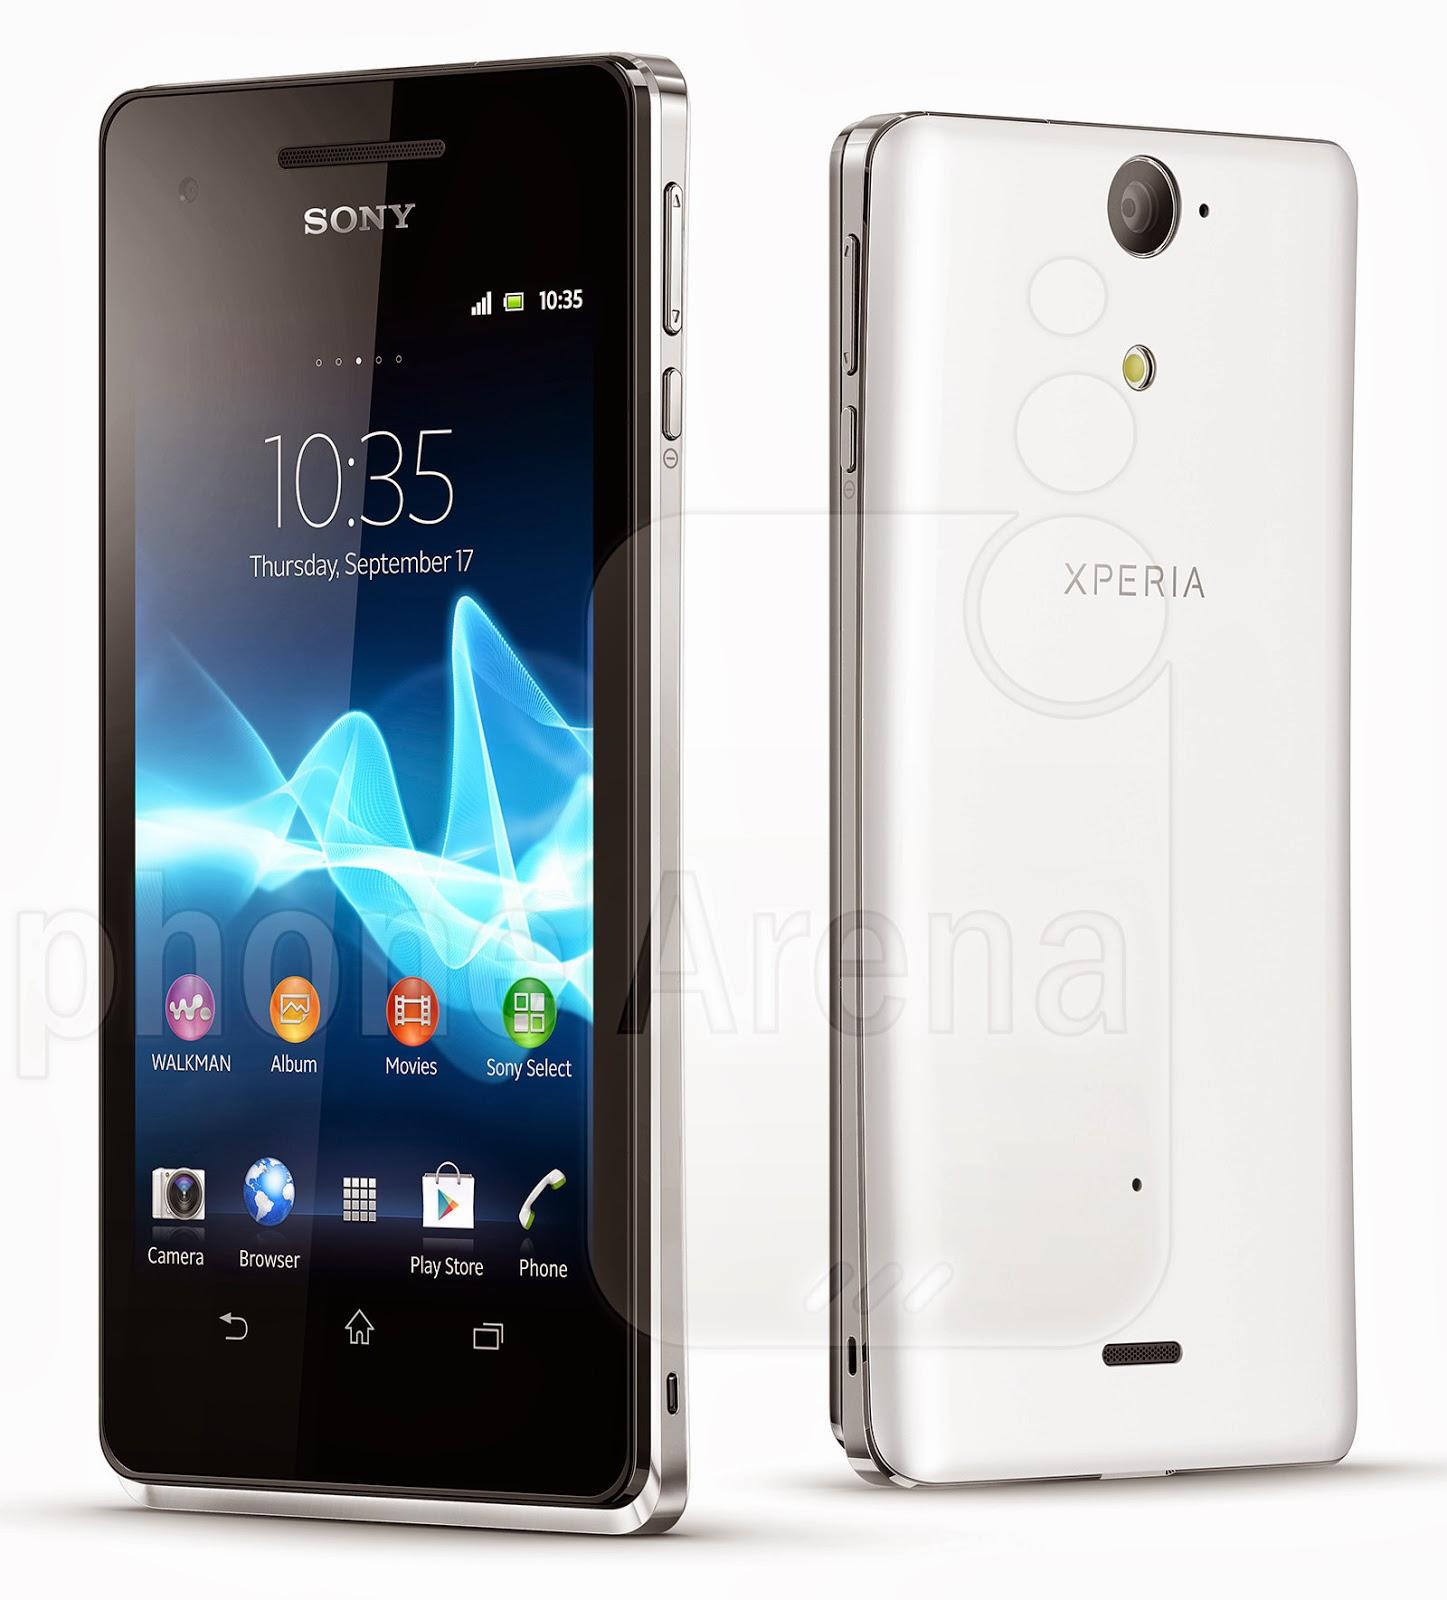 Harga Hp Sony Xperia Bulan Maret 2014